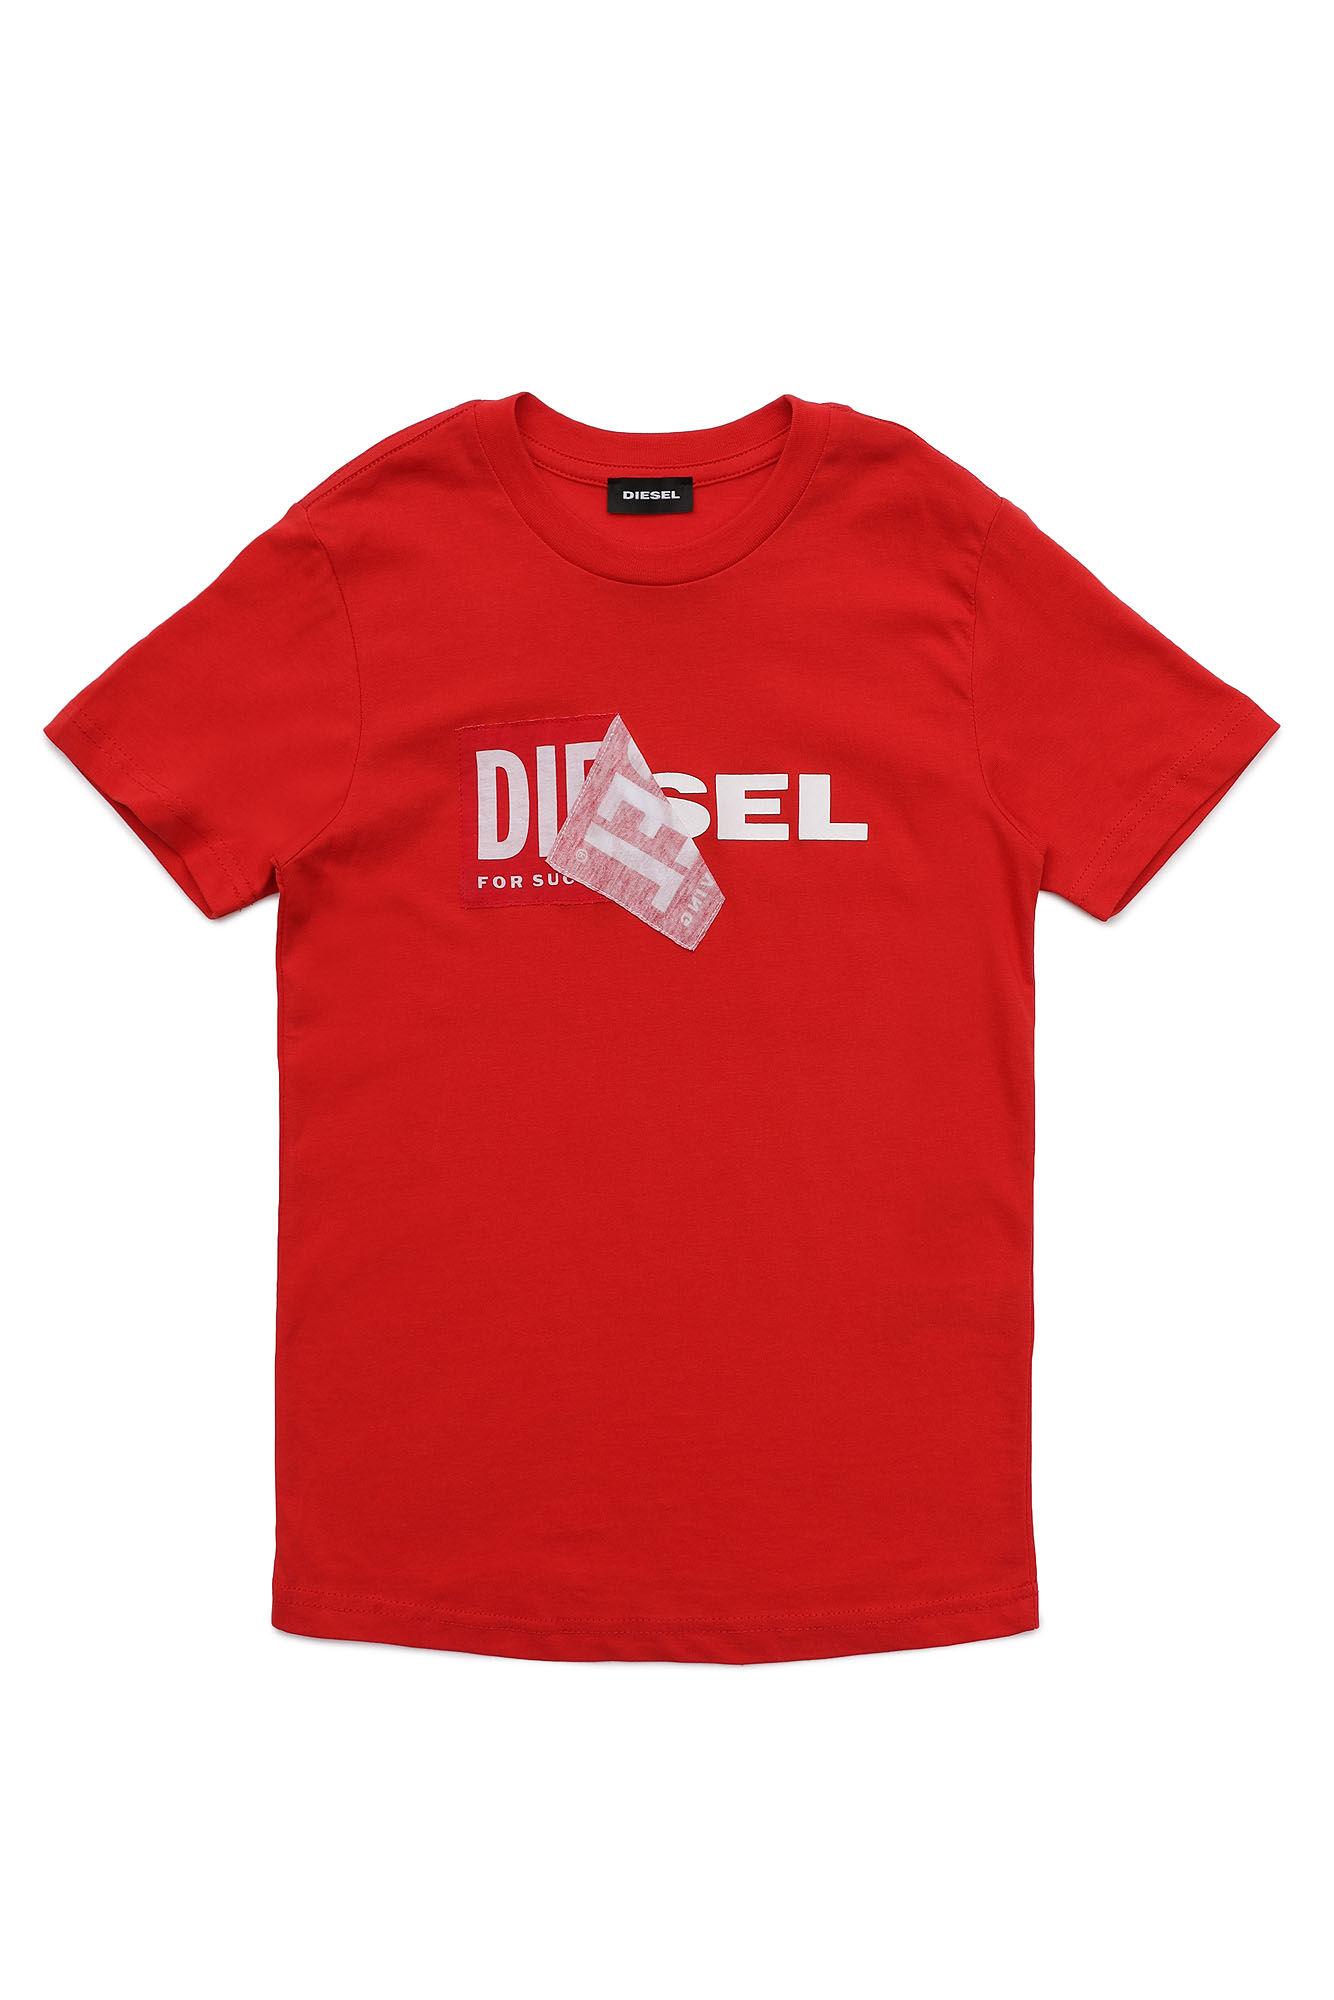 Tdiego Maglietta - Diesel Kid